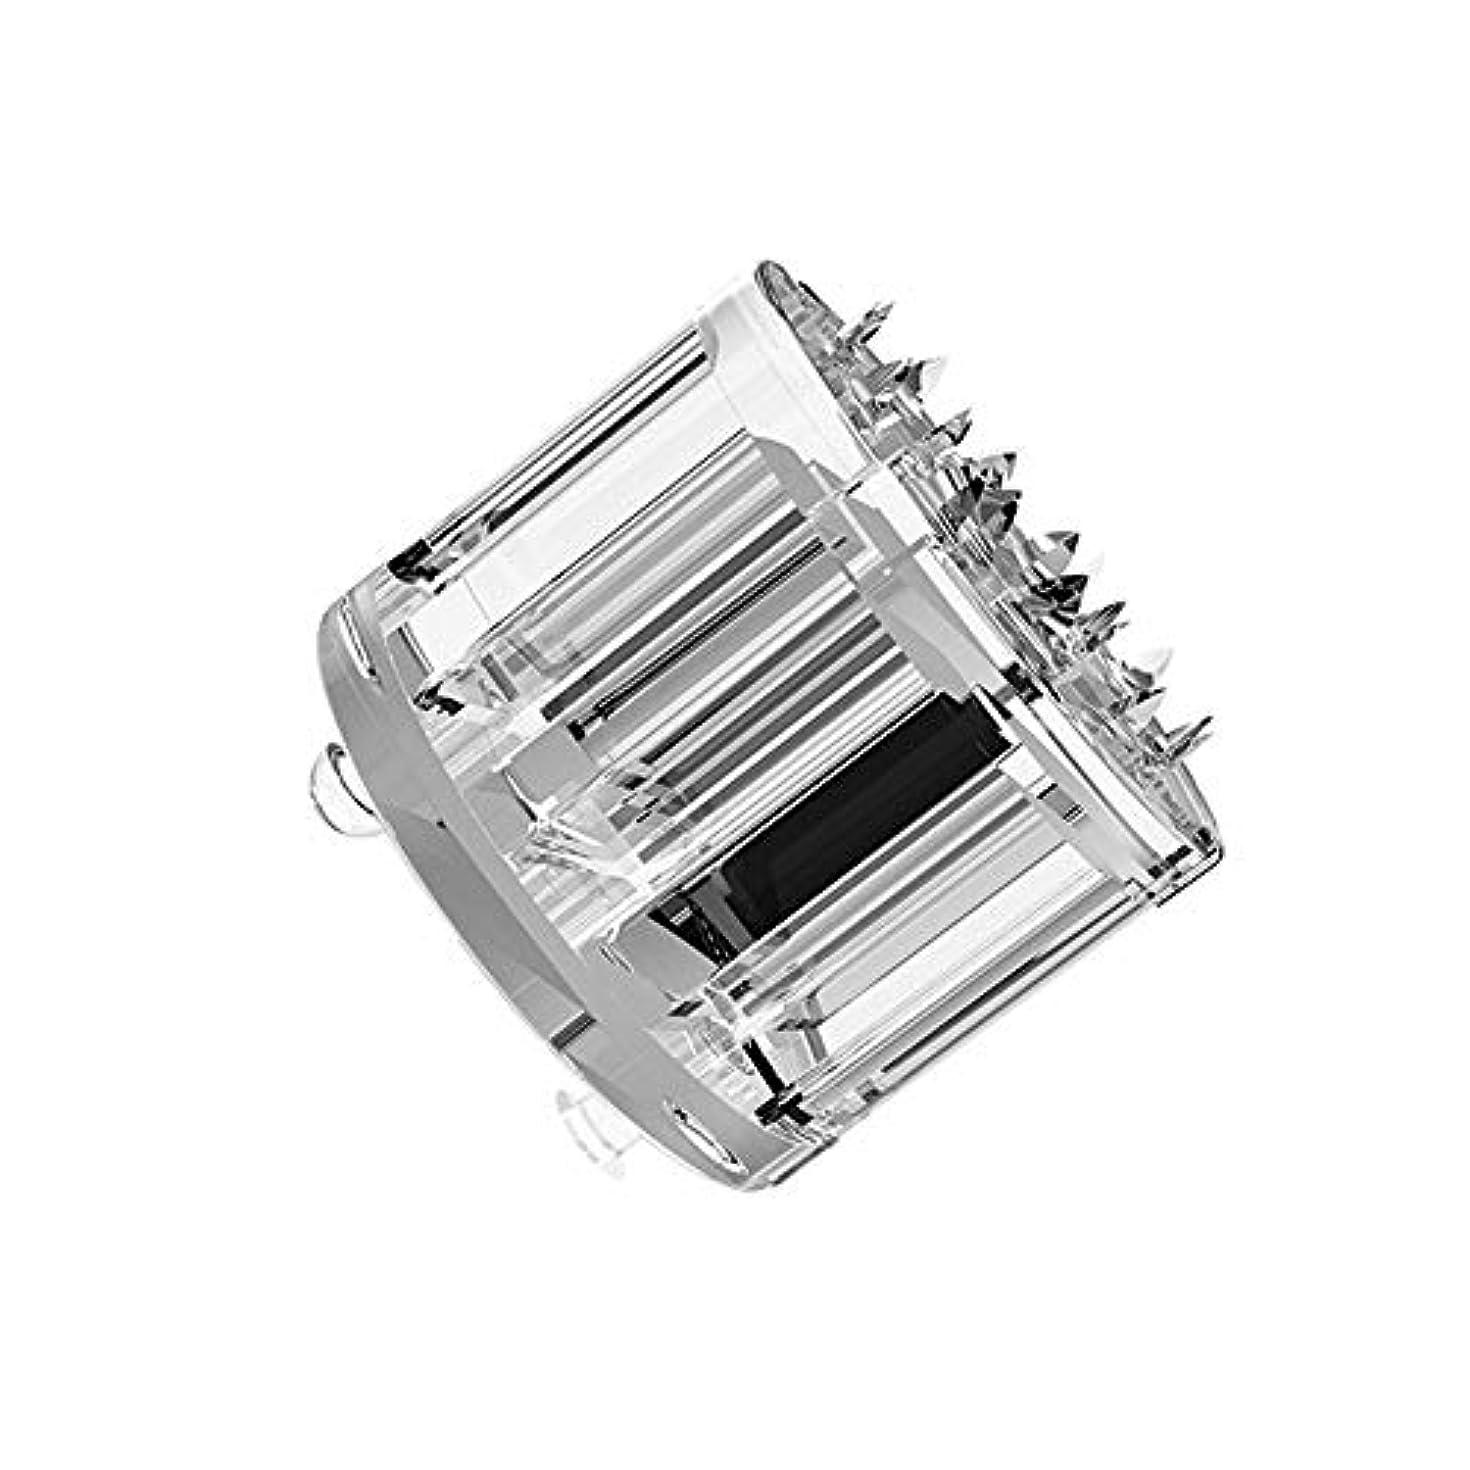 レキシコン伝導ノートMTS Home Care Micro pin-10ea (ticktok用) ティク ホームケア マイクロピン 化粧品の浸透 コラーゲン 肌の弾力 アップ マイクロピン 毛穴や小じわ 角質ケア